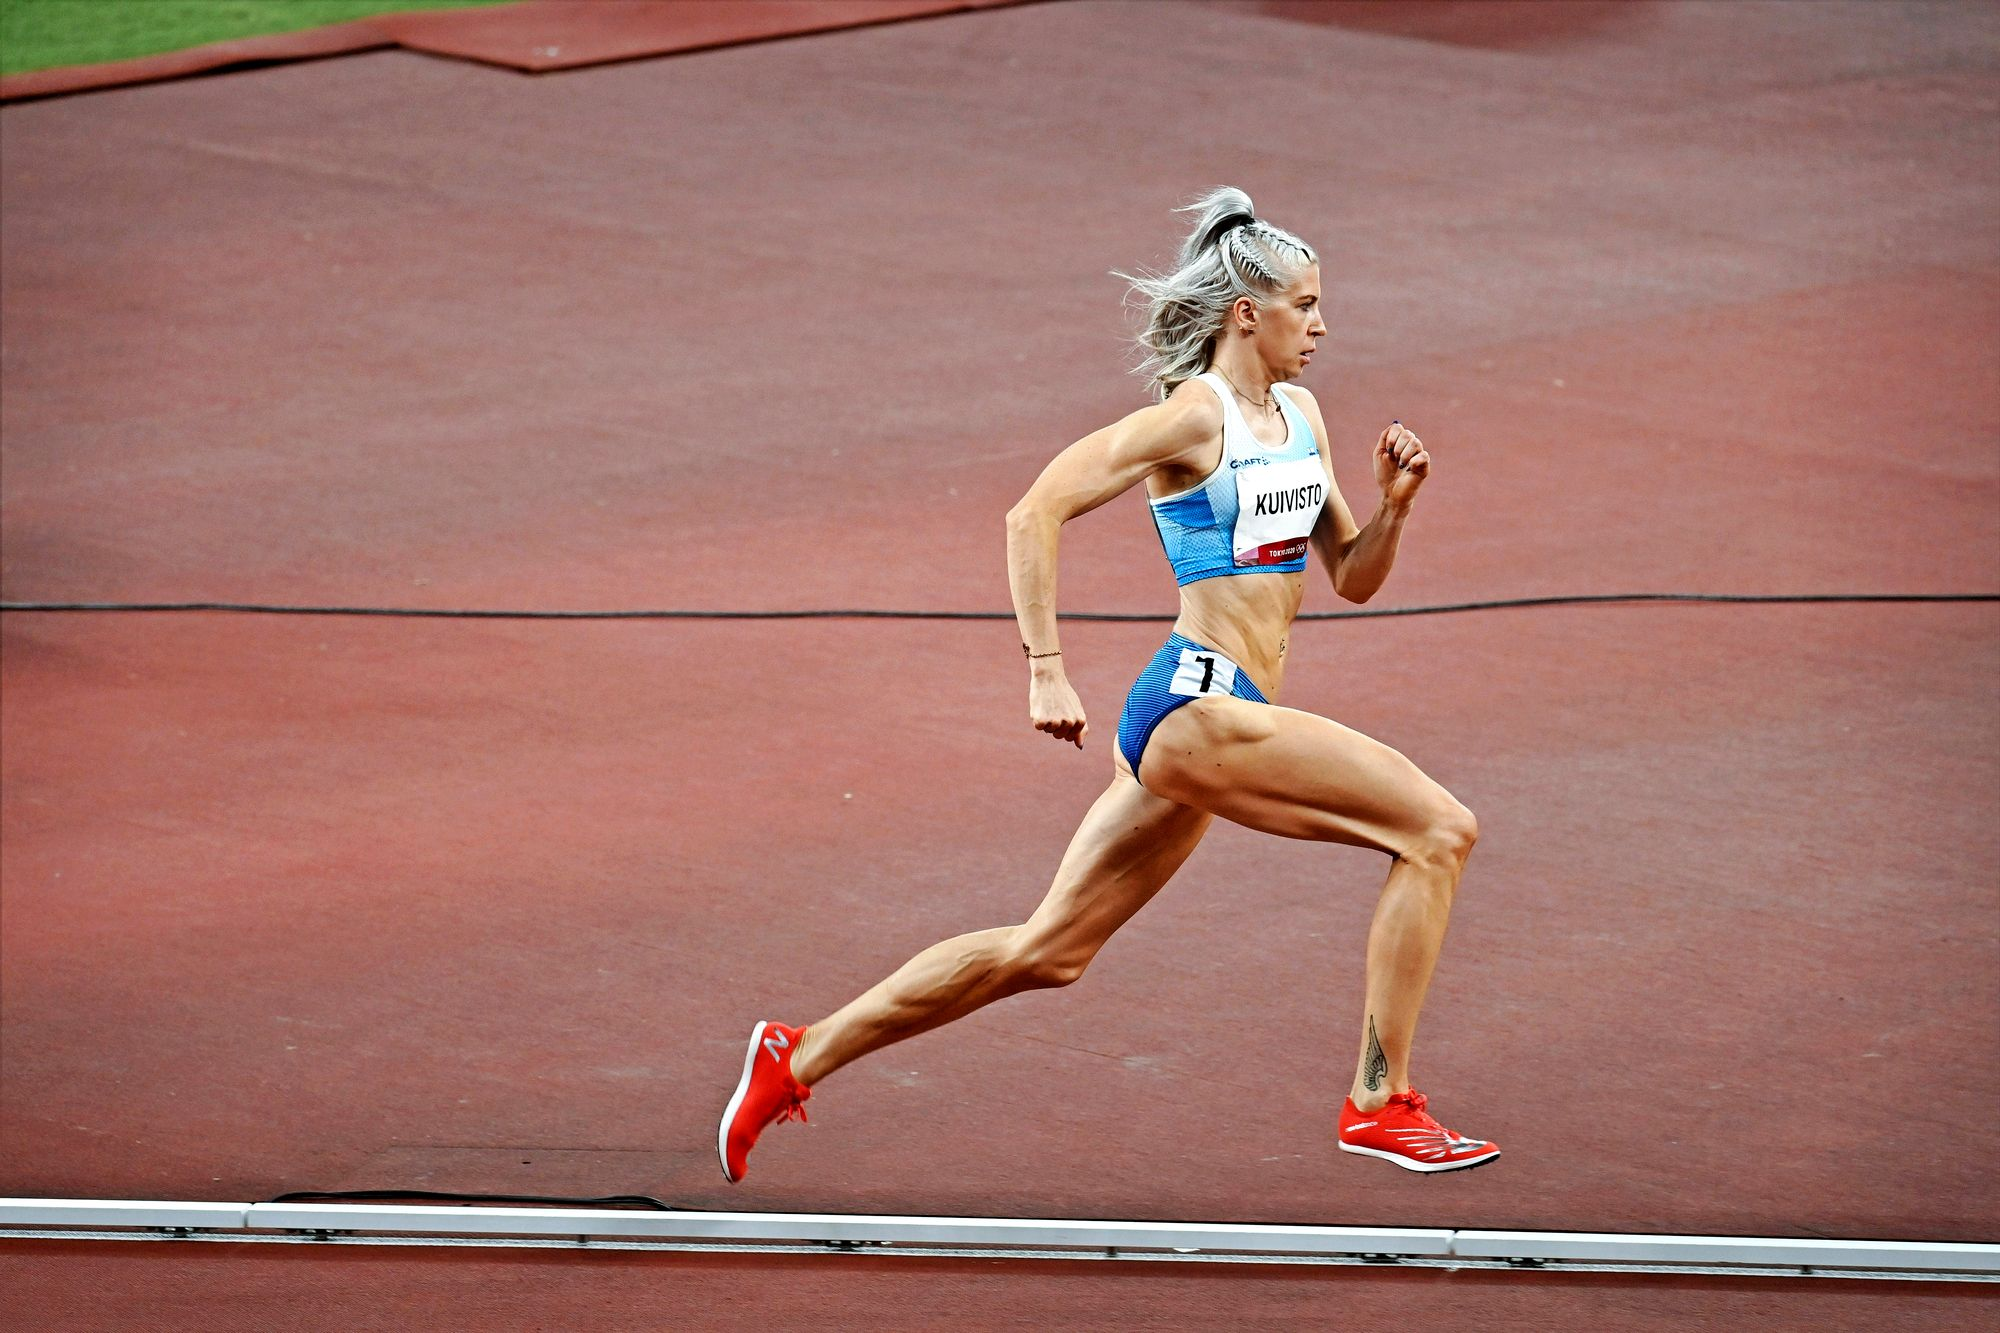 Sara jahtasi 800 metrillä kahden minuutin alitusta pitkään, kunnes Tokiossa tärähti. Enää hän ei aio sanoa tavoitteitaan ääneen. © Lehtikuva / ANTTI AIMO-KOIVISTO